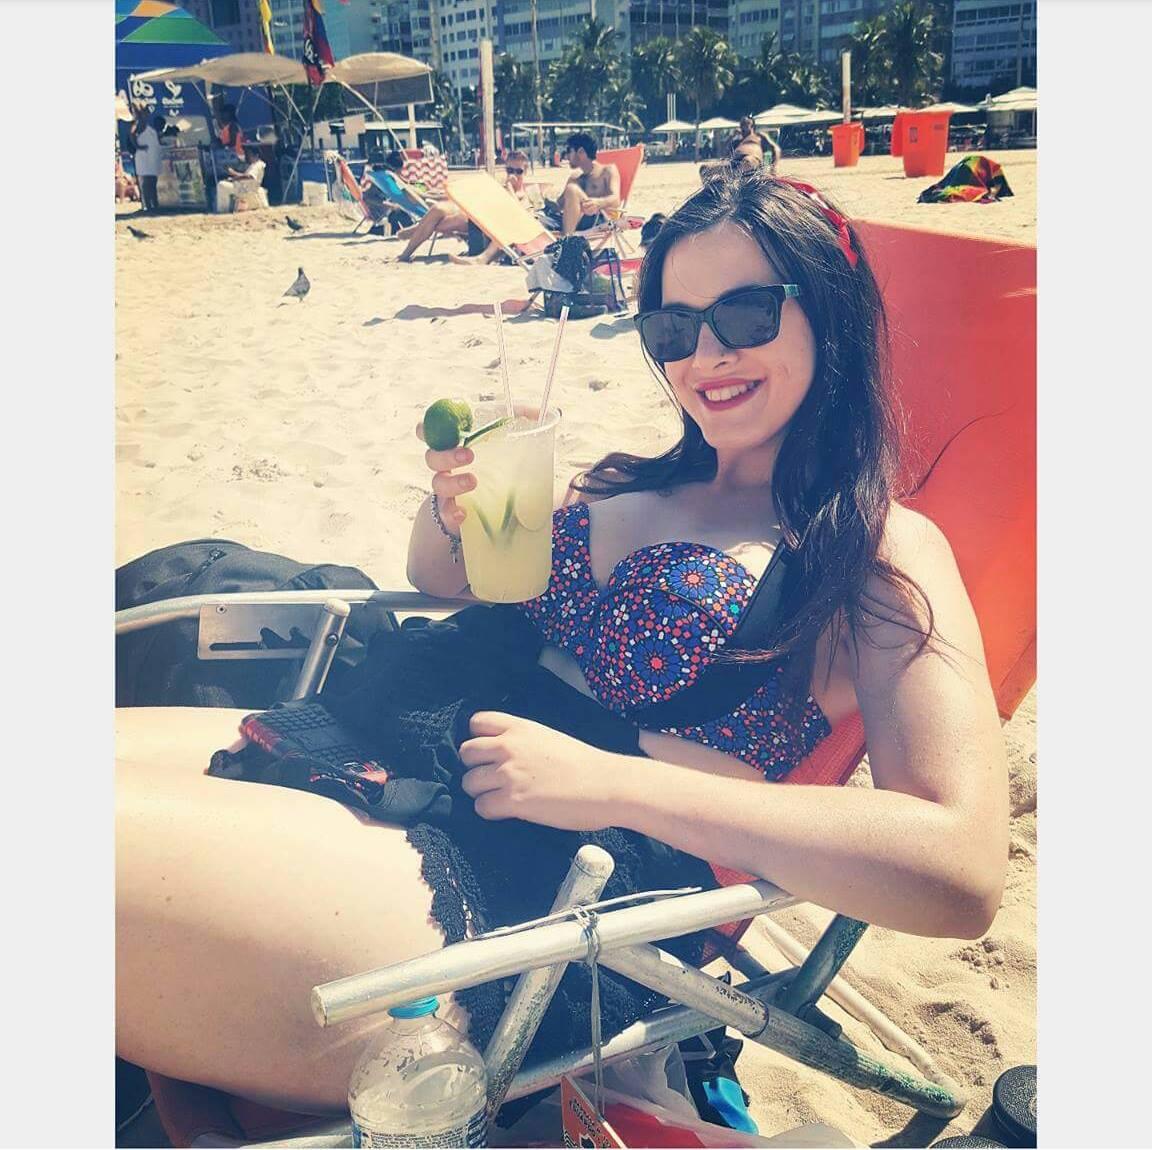 Type 1 diabetes alcohol caprinha copacabana beach